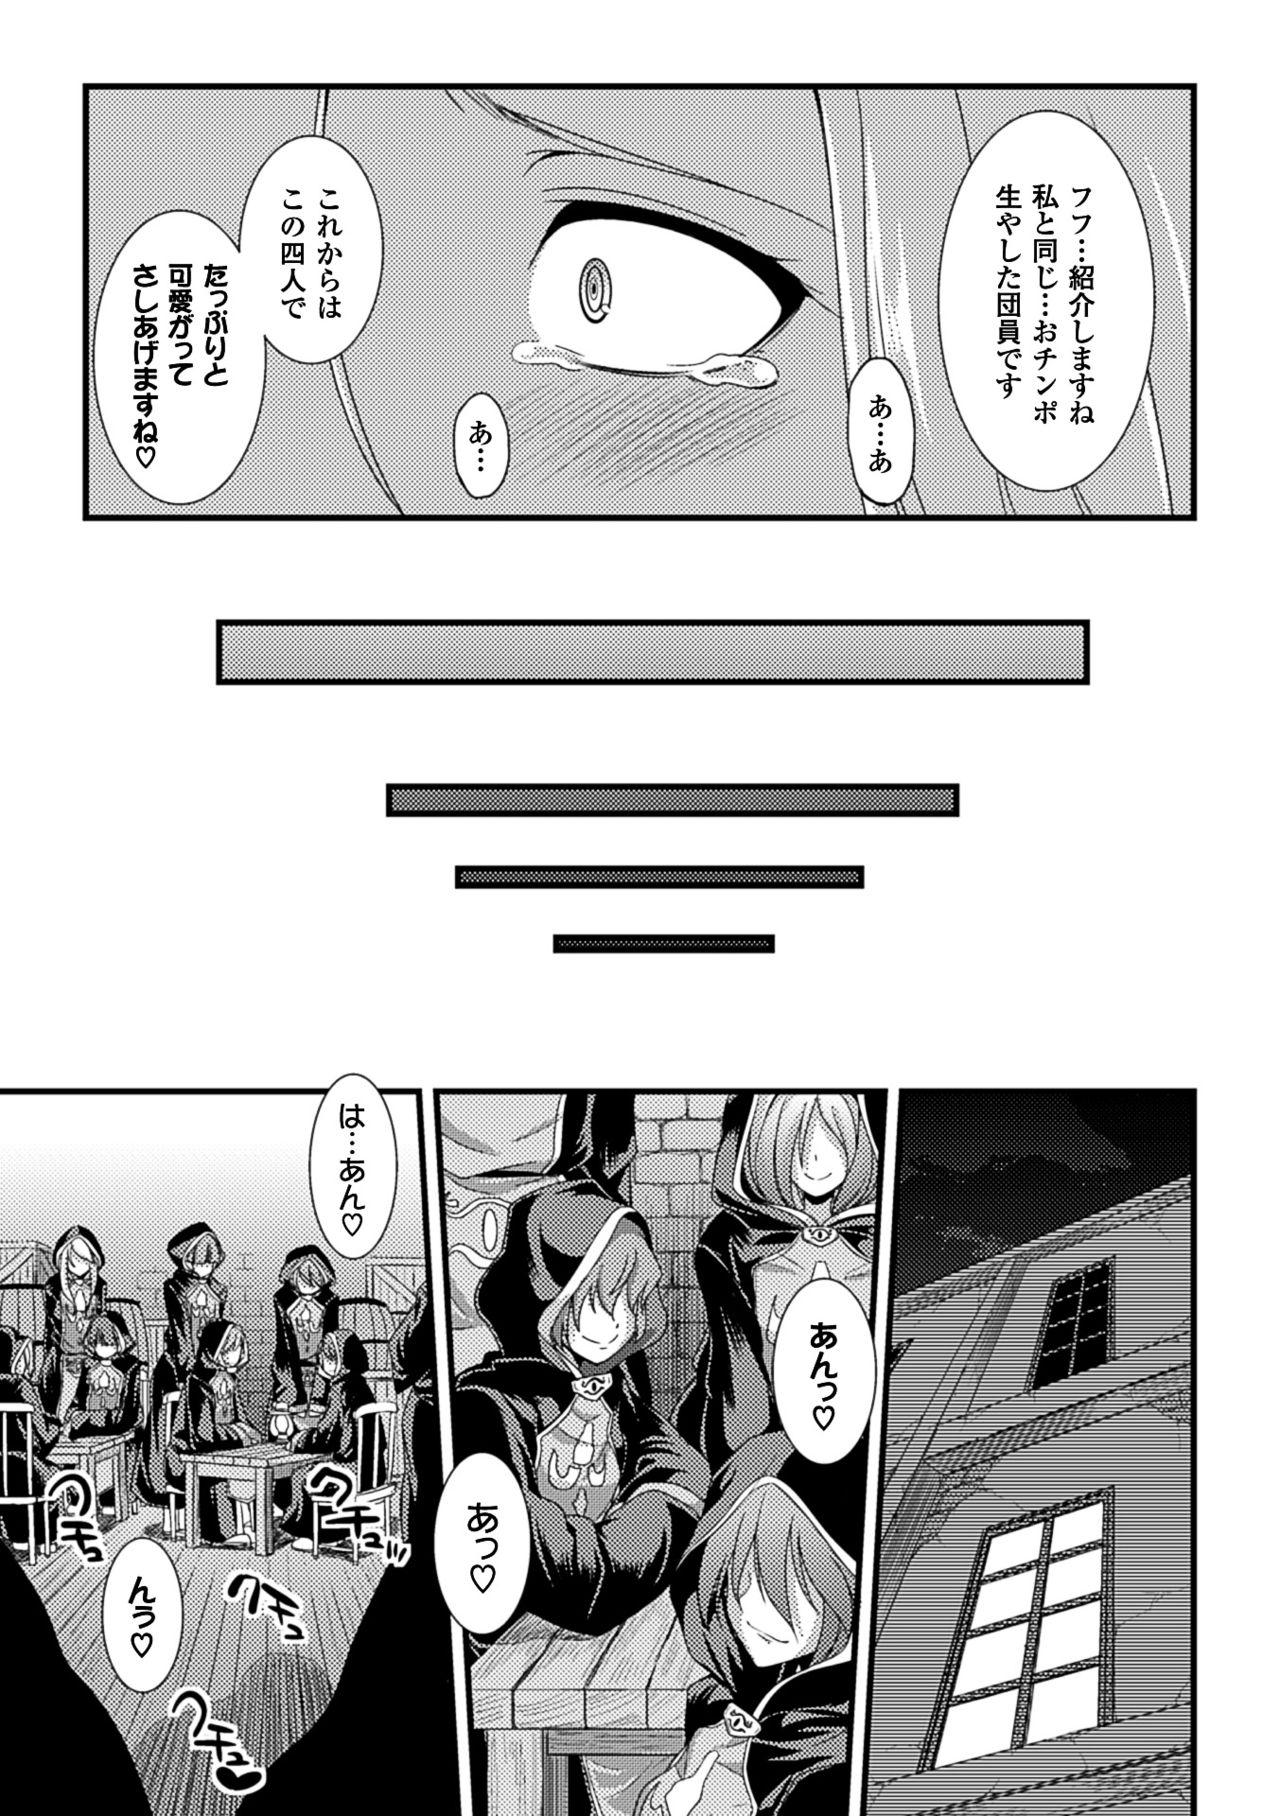 2D Comic Magazine Jingai Musume Haramase Kedakaki Mesu-tachi wa Ningen Kodane ni Kuppuku Suru Vol. 2 27